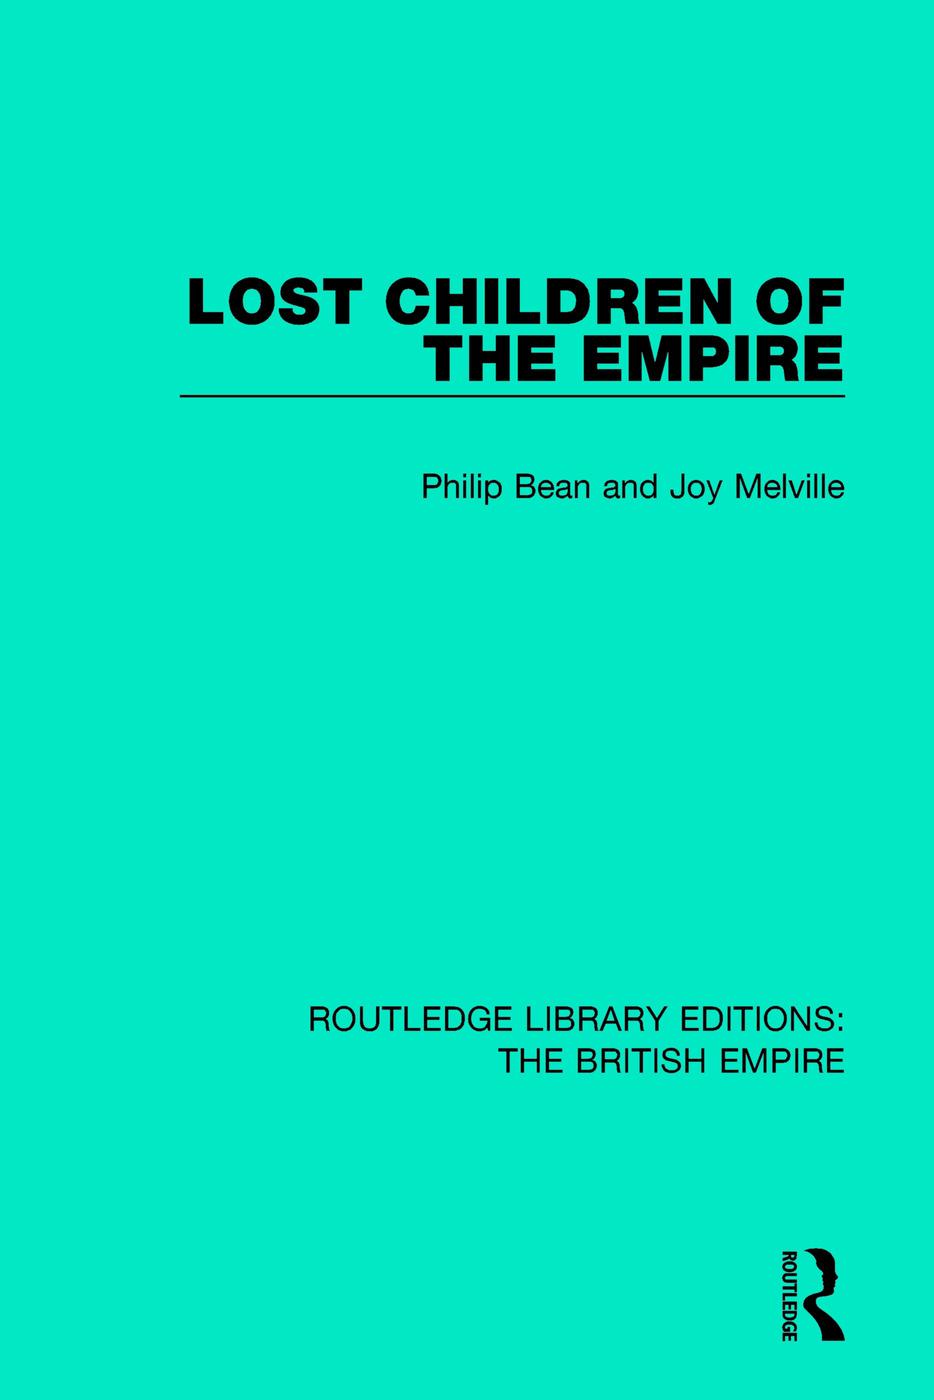 Lost Children of the Empire book cover